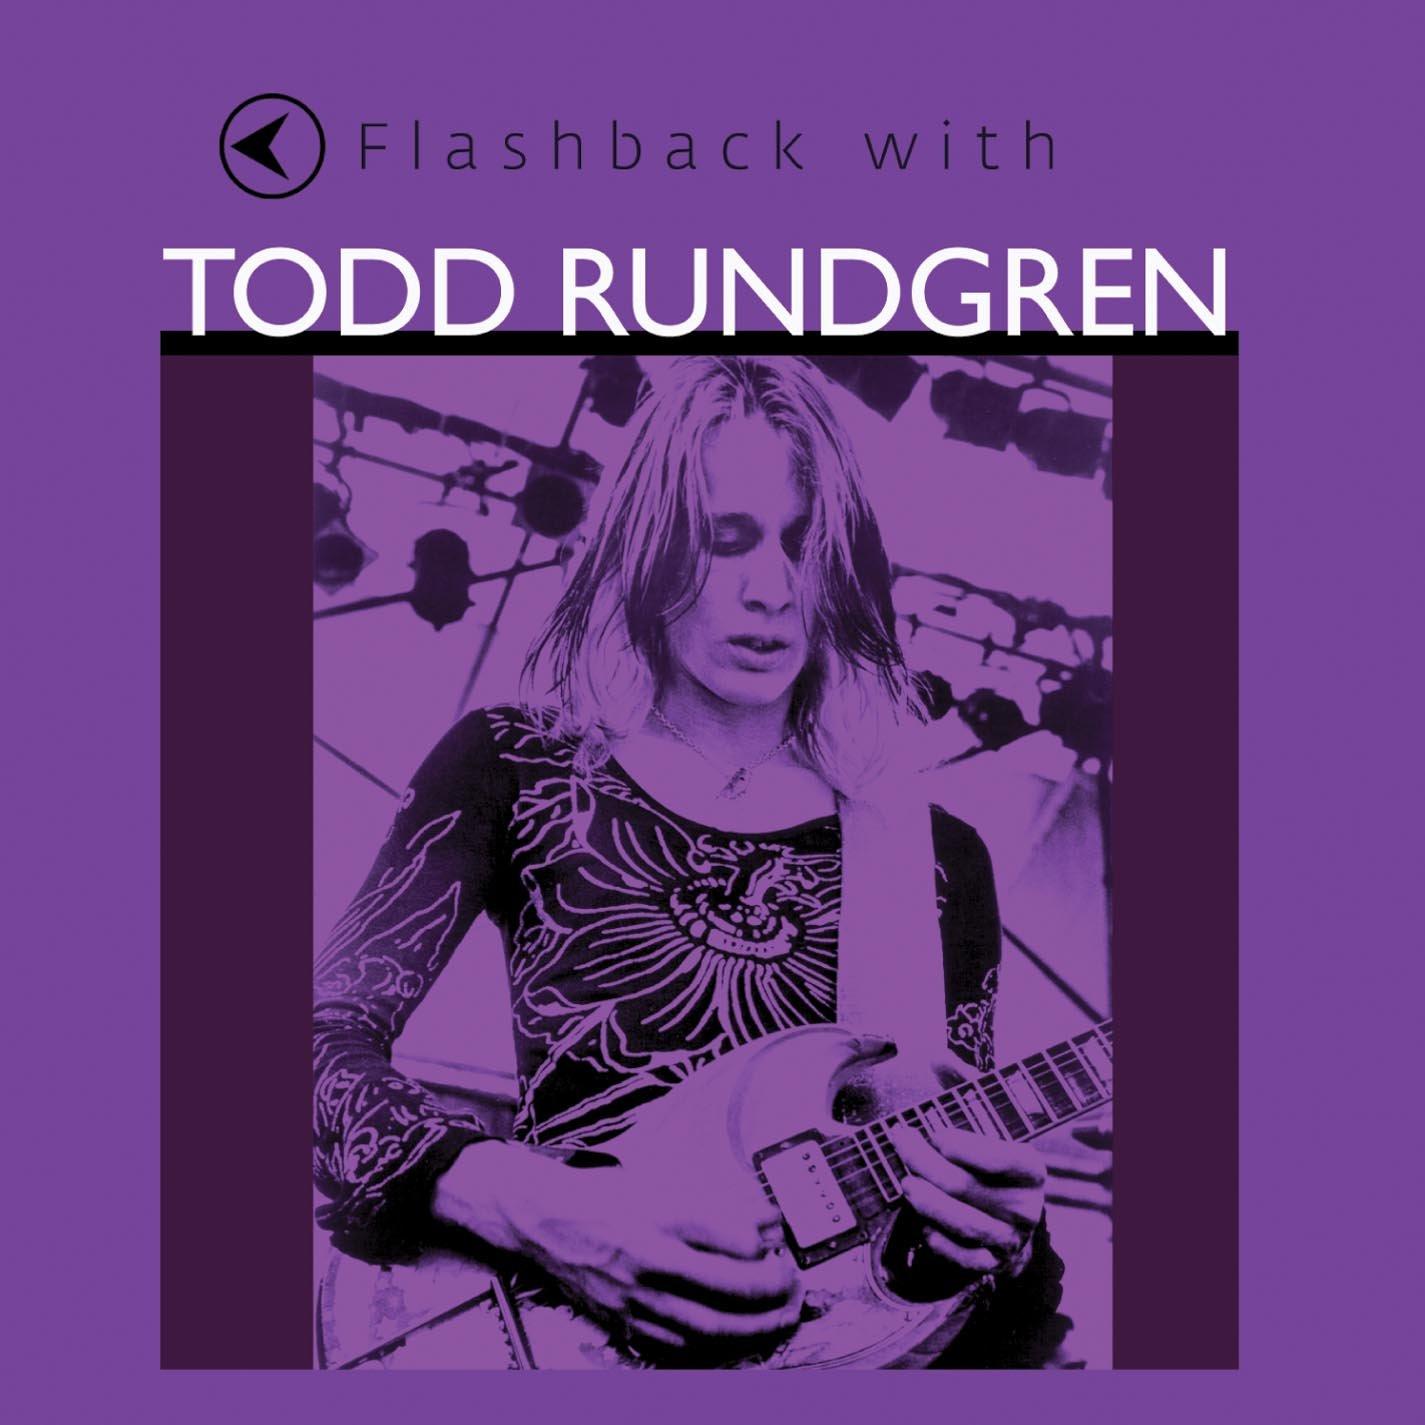 Flashback With Todd Rundgren